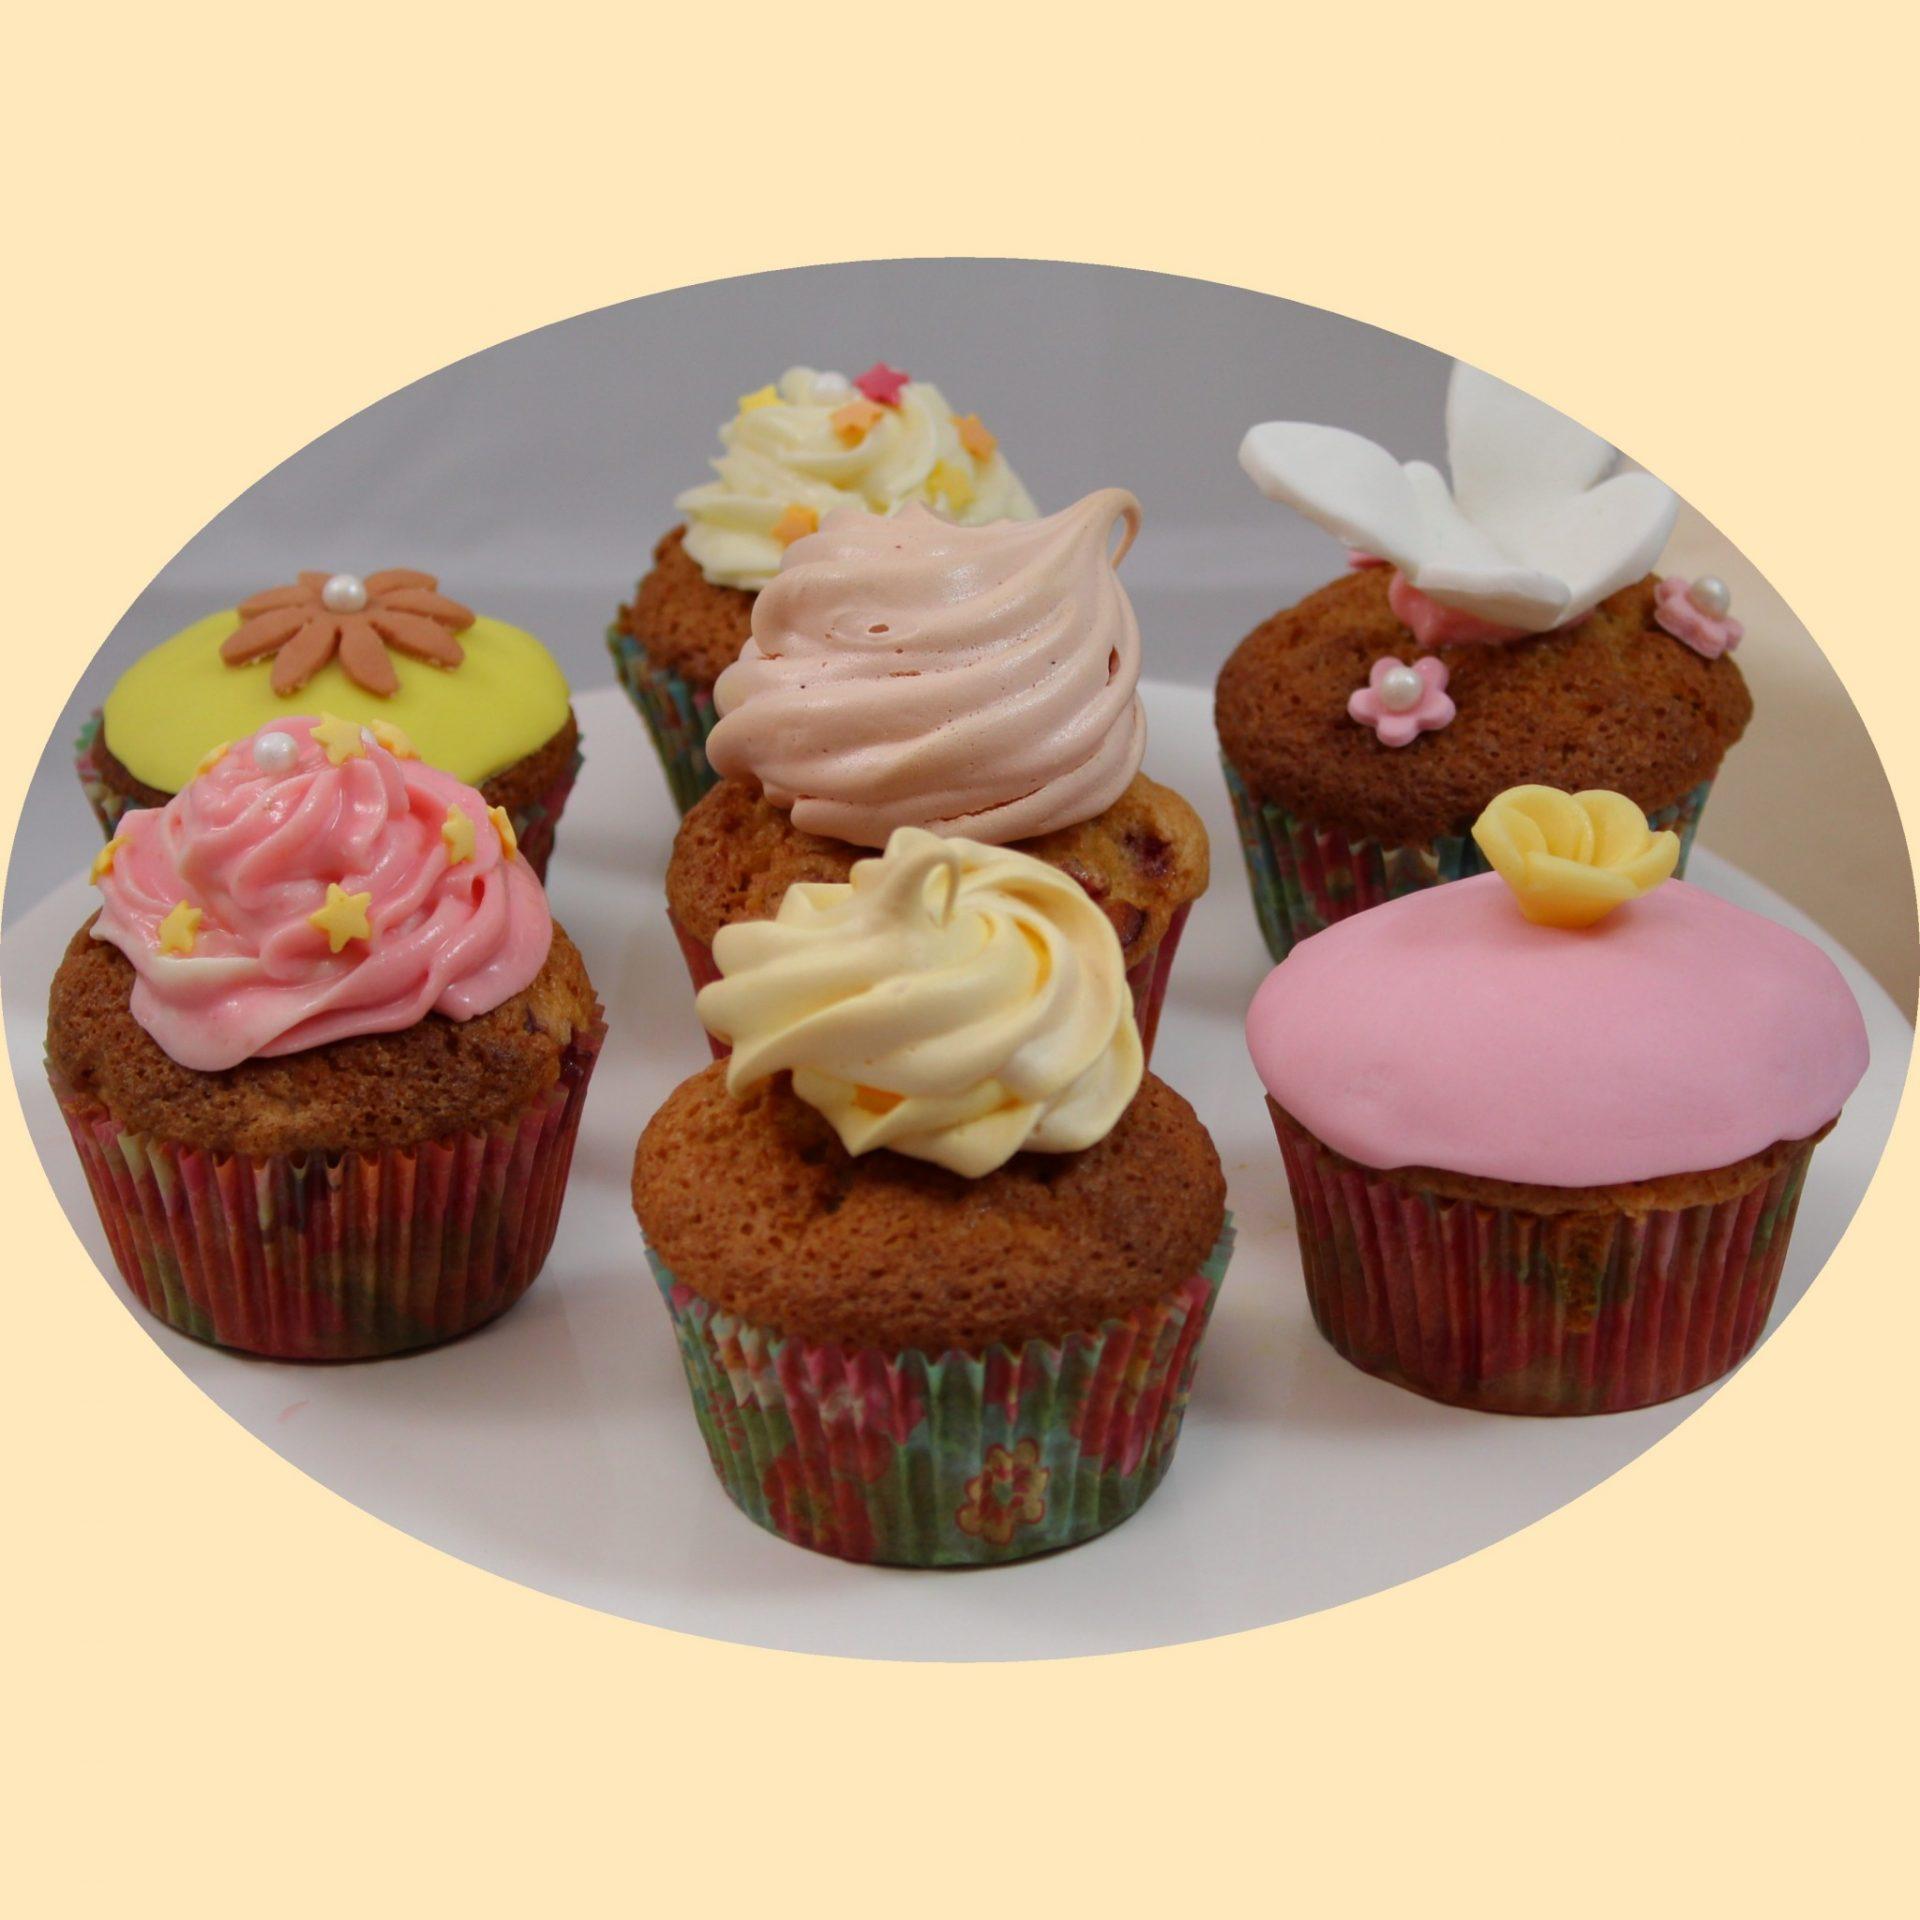 Muffin sütemény különboző díszítéssel a tetején.